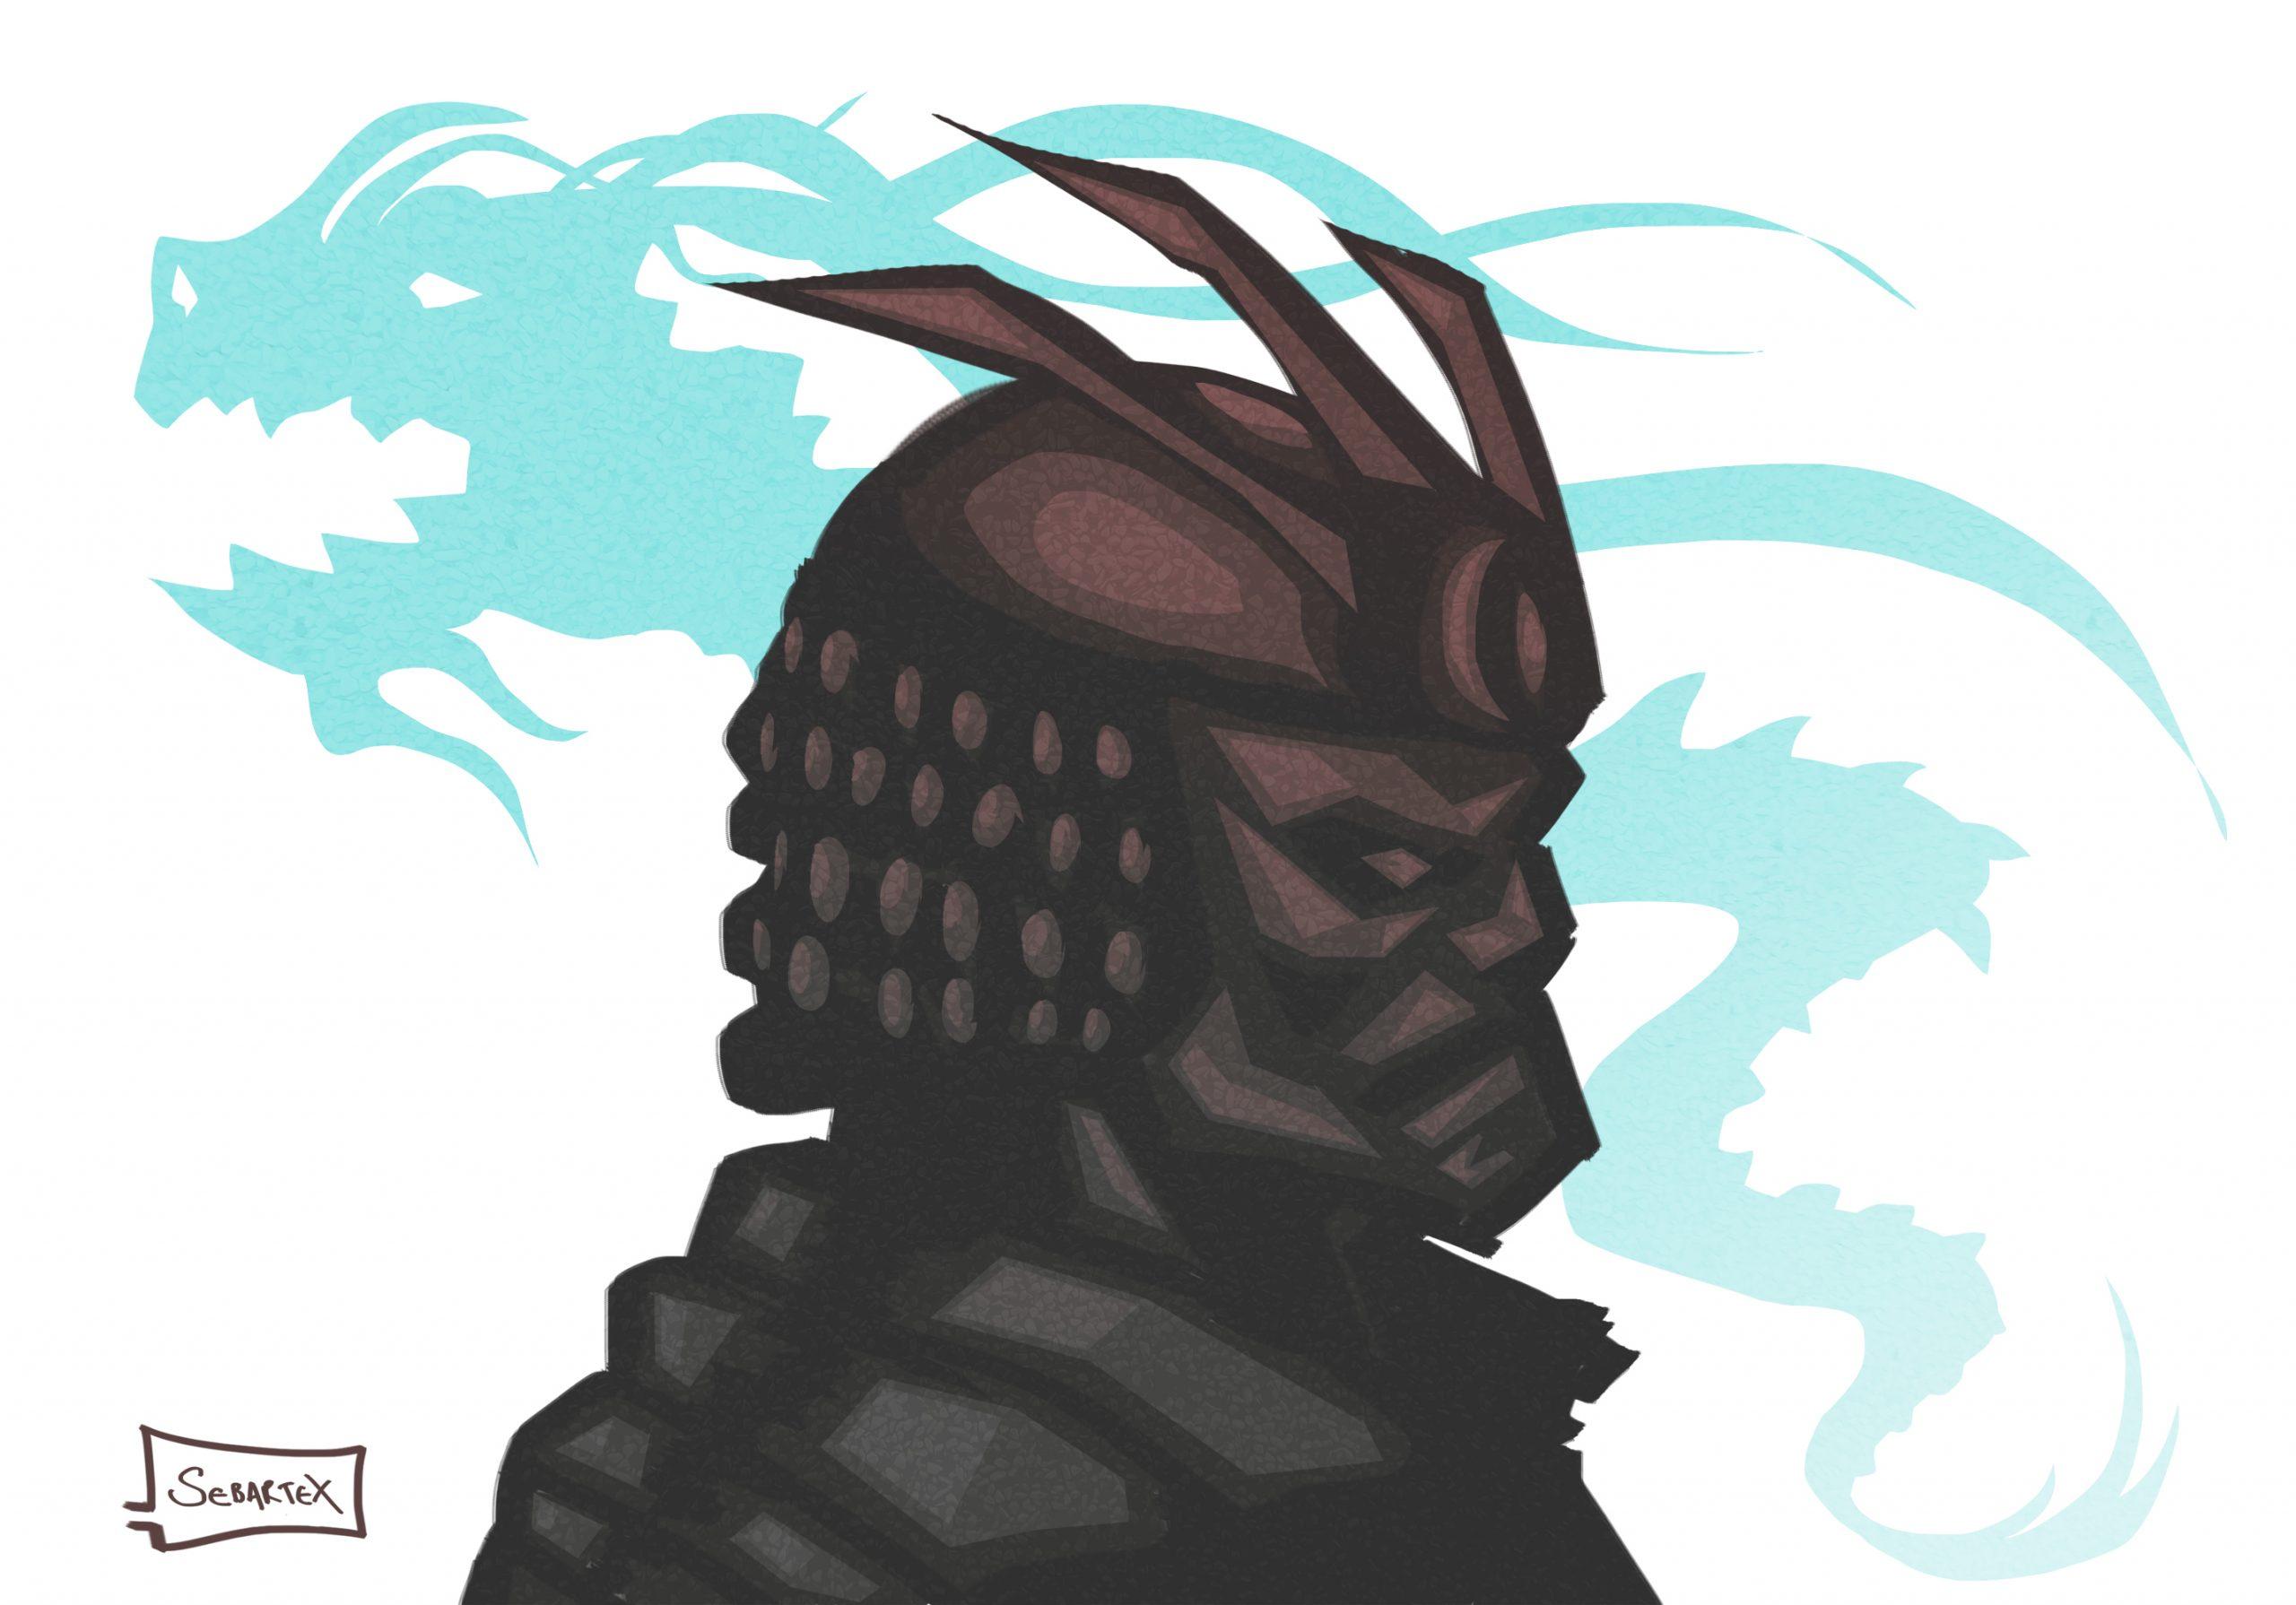 samurai warrior concept